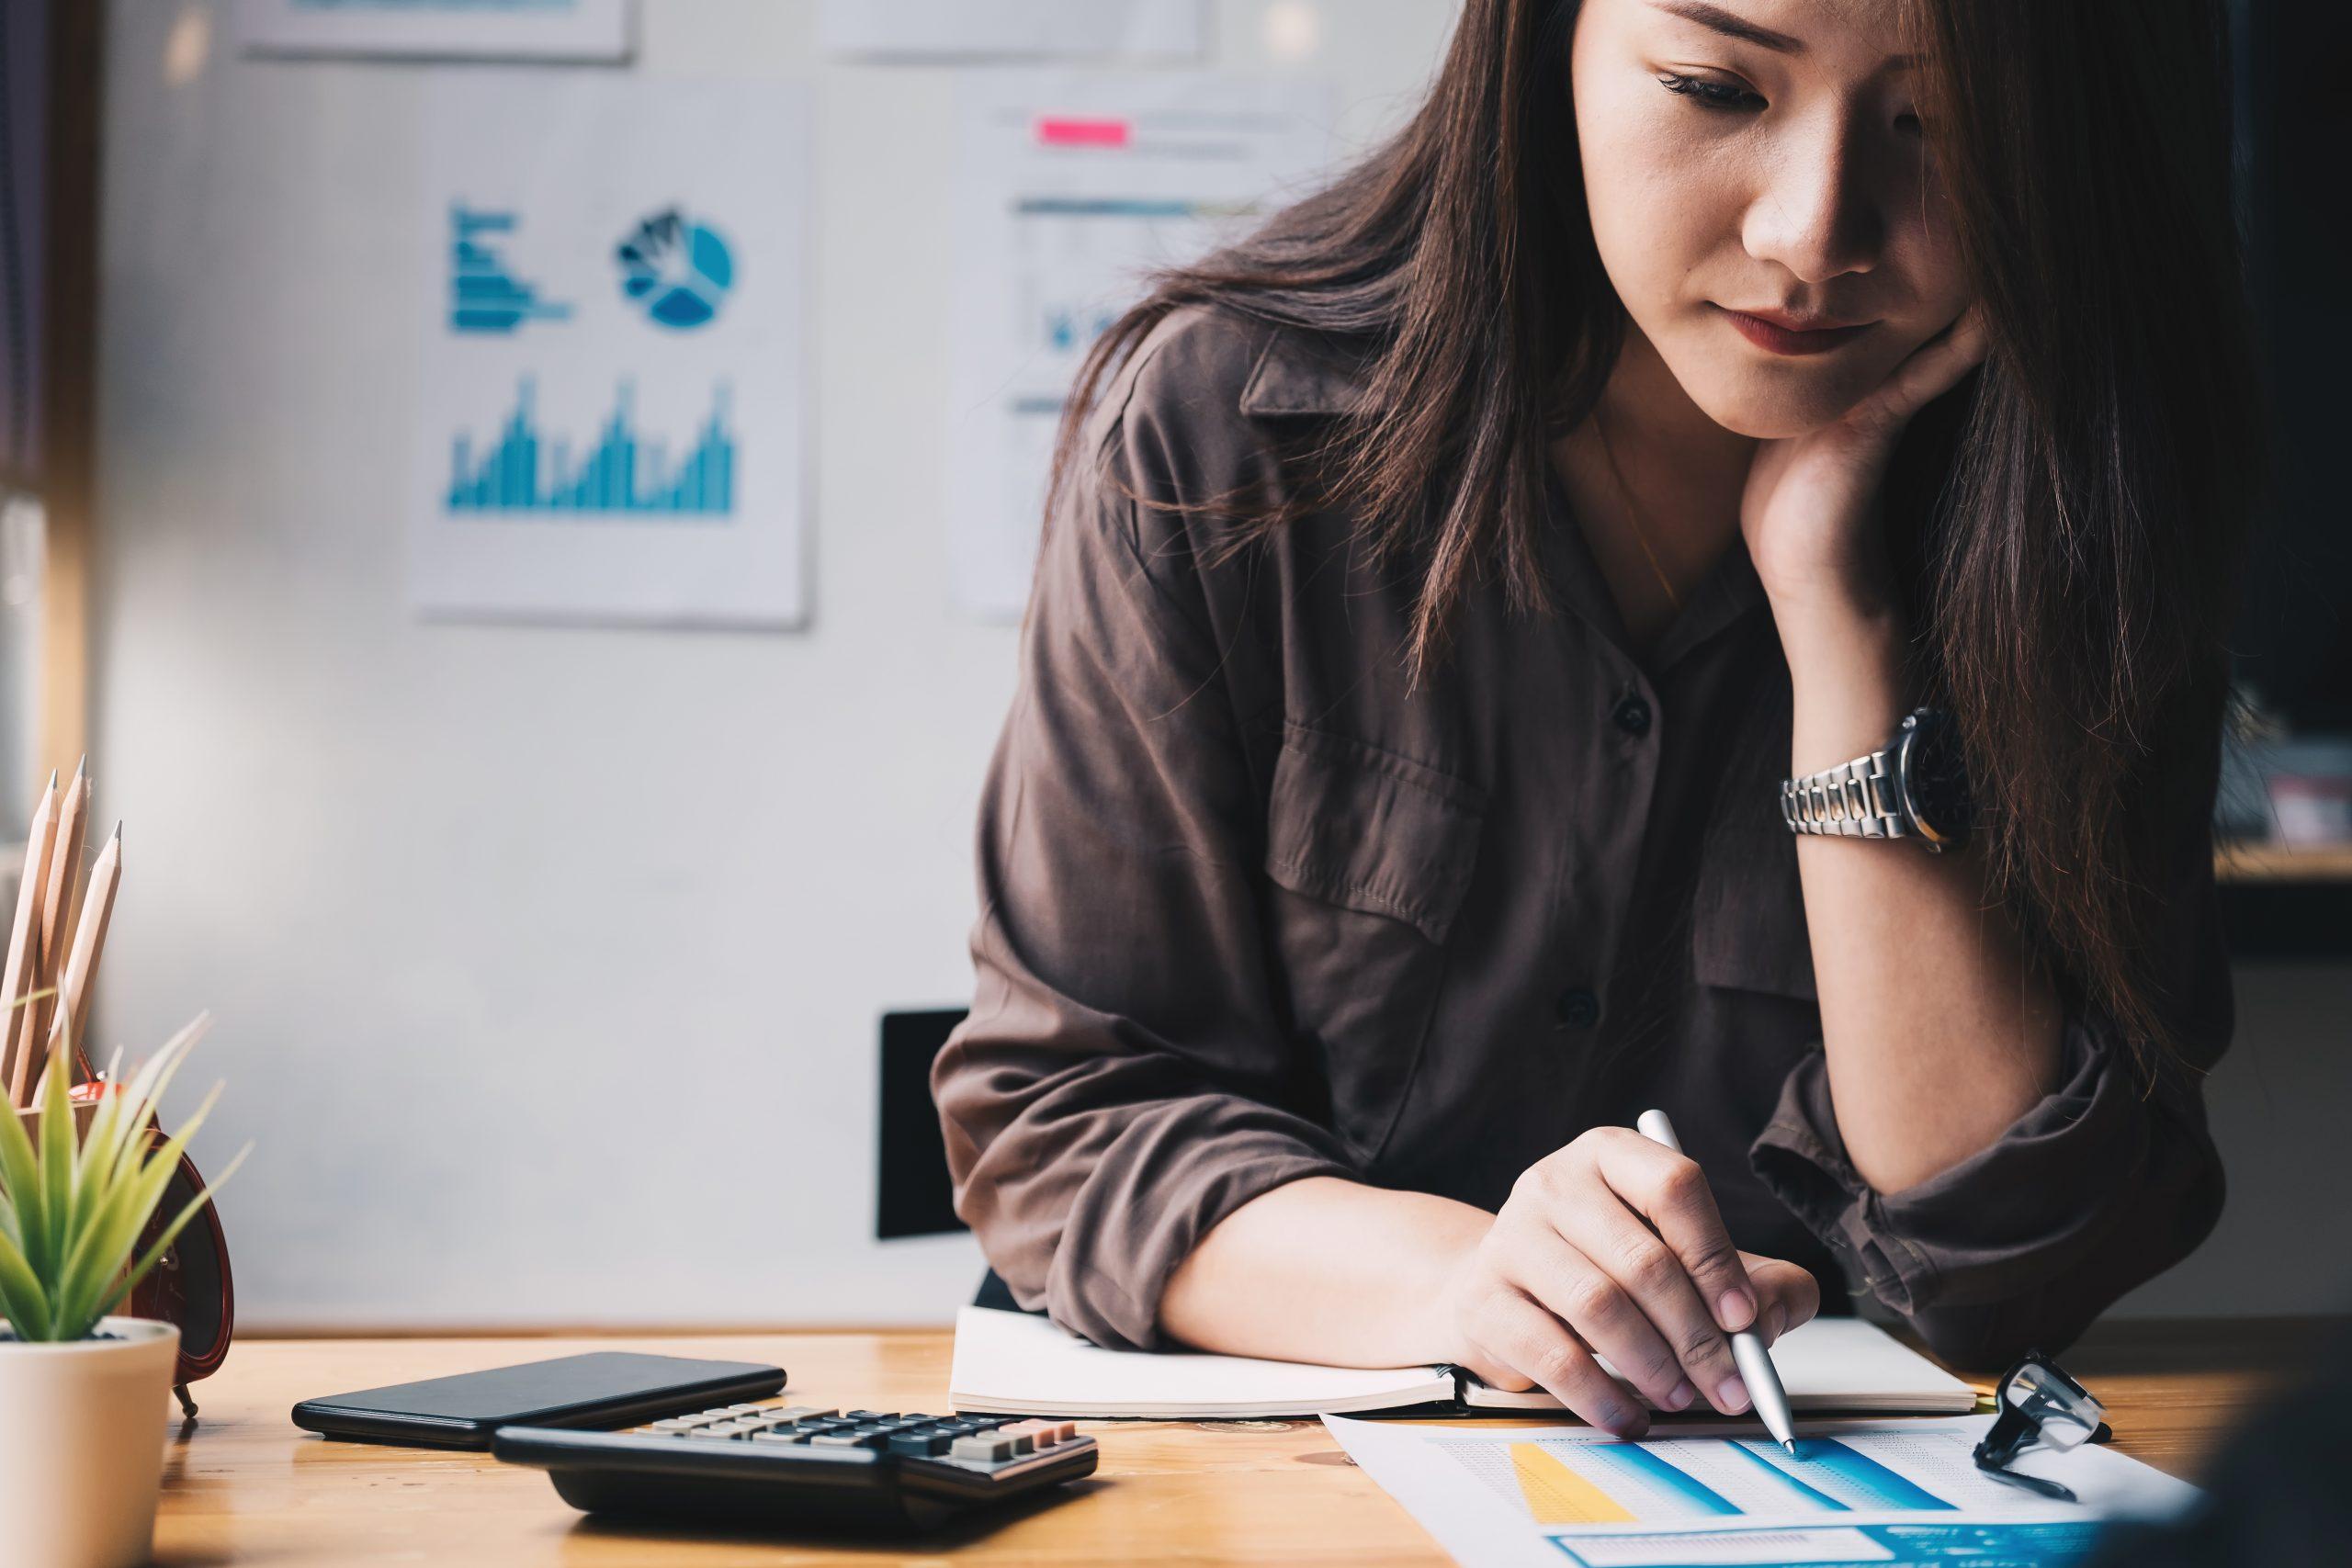 Aviatrix Accountancy - Tax - VAT returns - Woman looking over figures with calculator